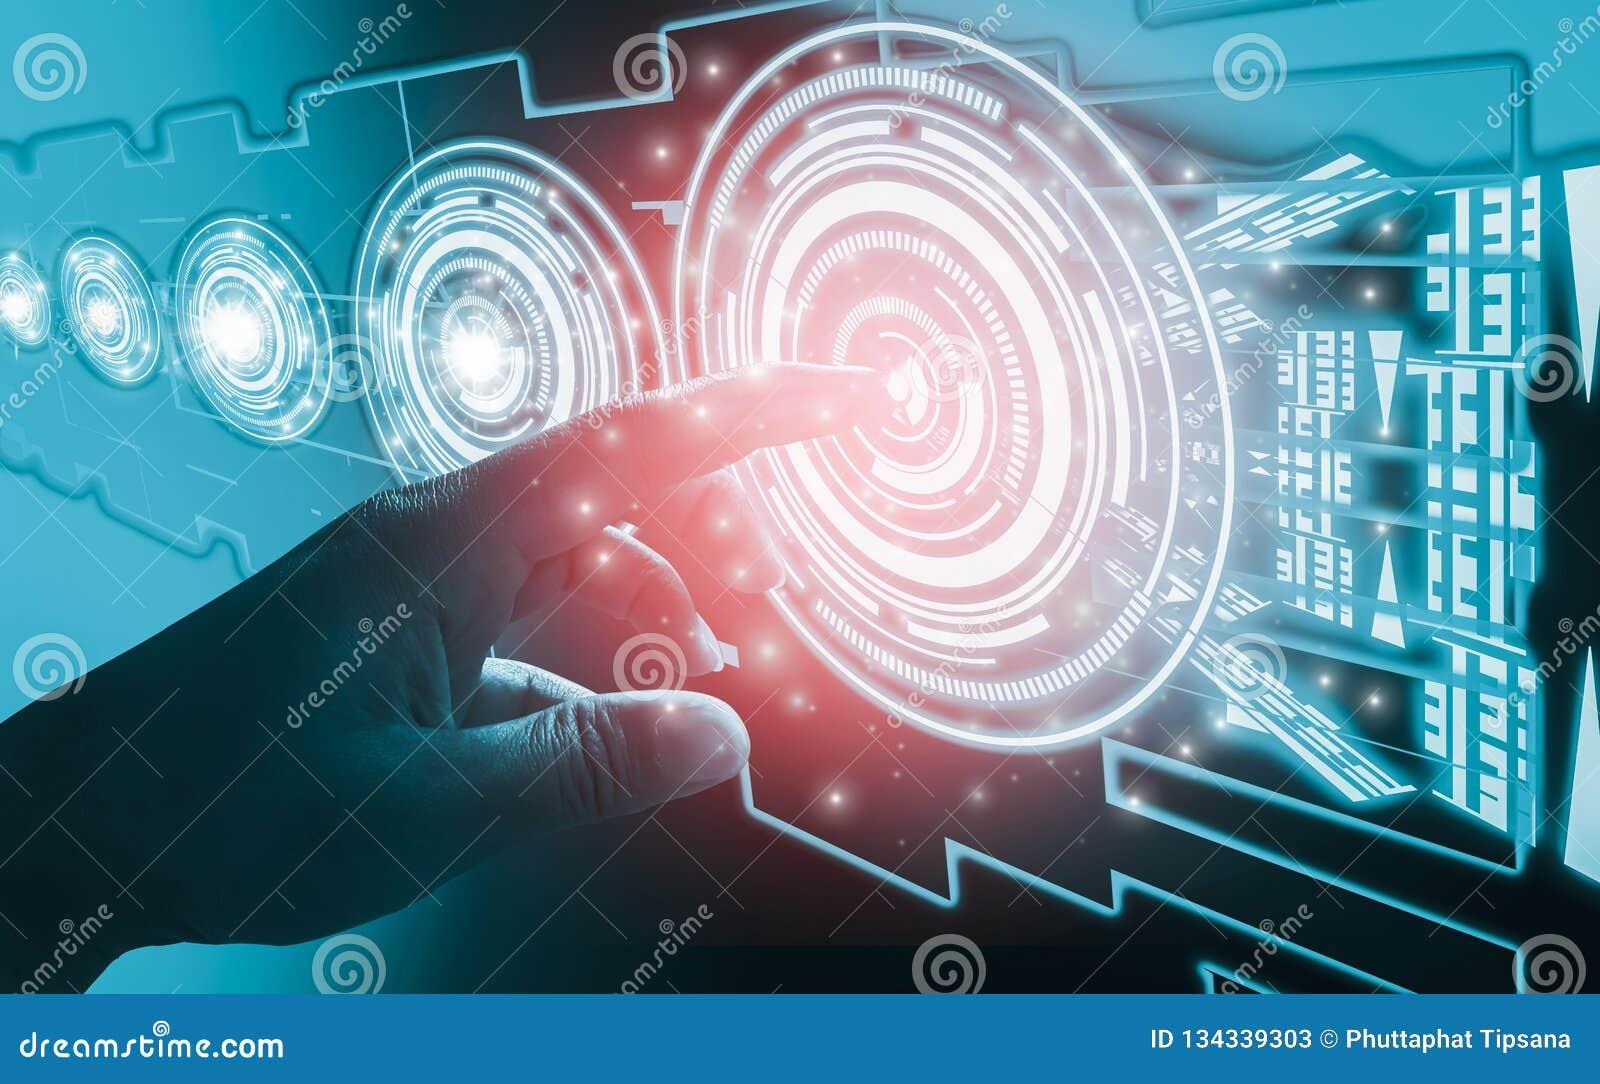 Fingernoten-Schnittstellenabstrakte begriffe, sehr moderne futuristische Technologie und Entwurf mit einbeziehend, wenn die innov